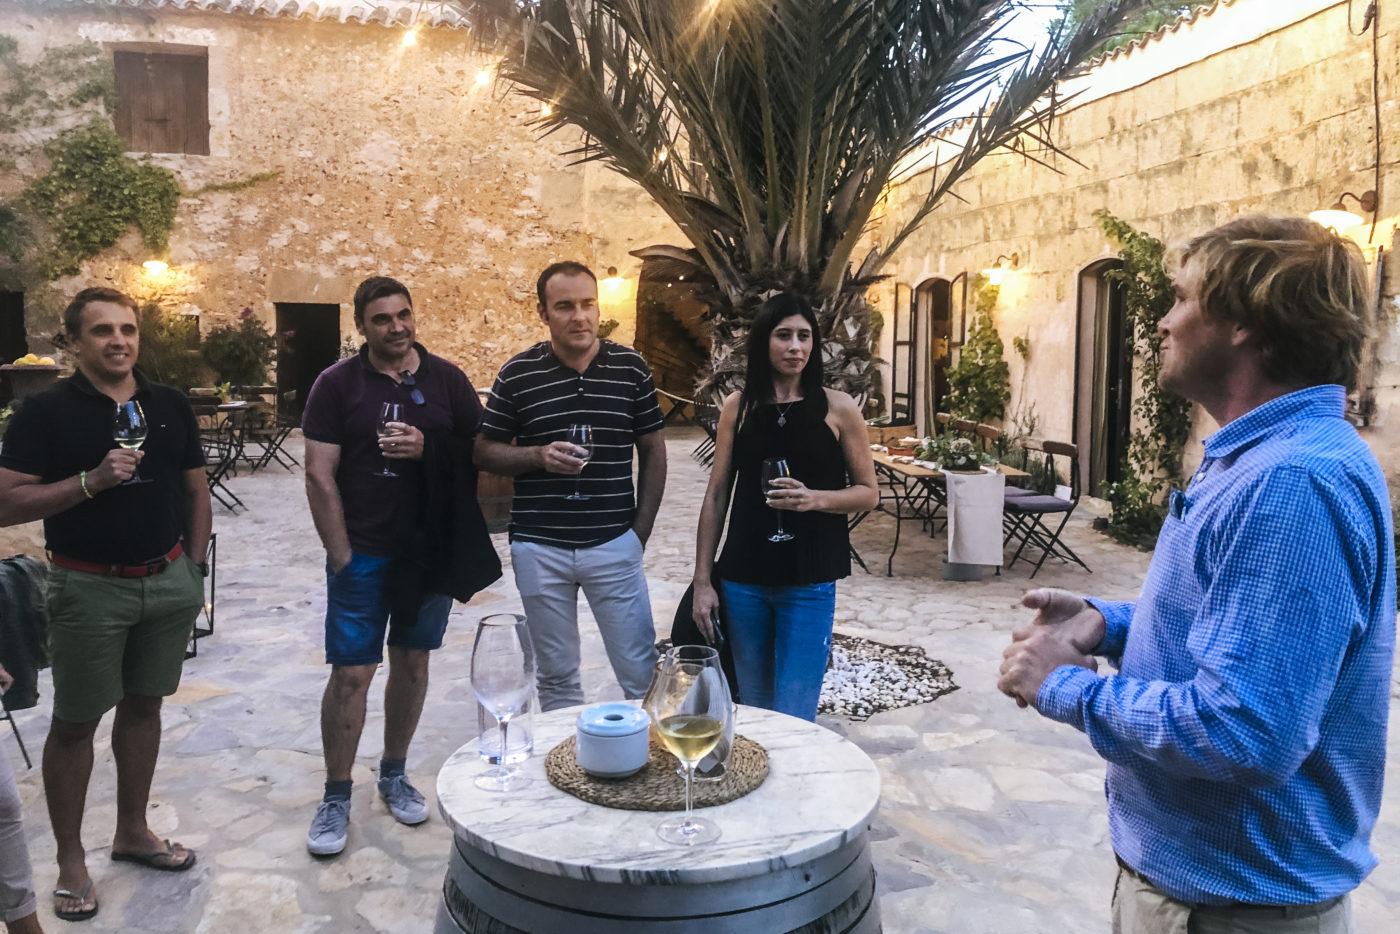 agence evenementielle receptive pays basque erronda seminaire team building incentive event baléares Majorque Mallorca réunion quad cours cuisine apéro